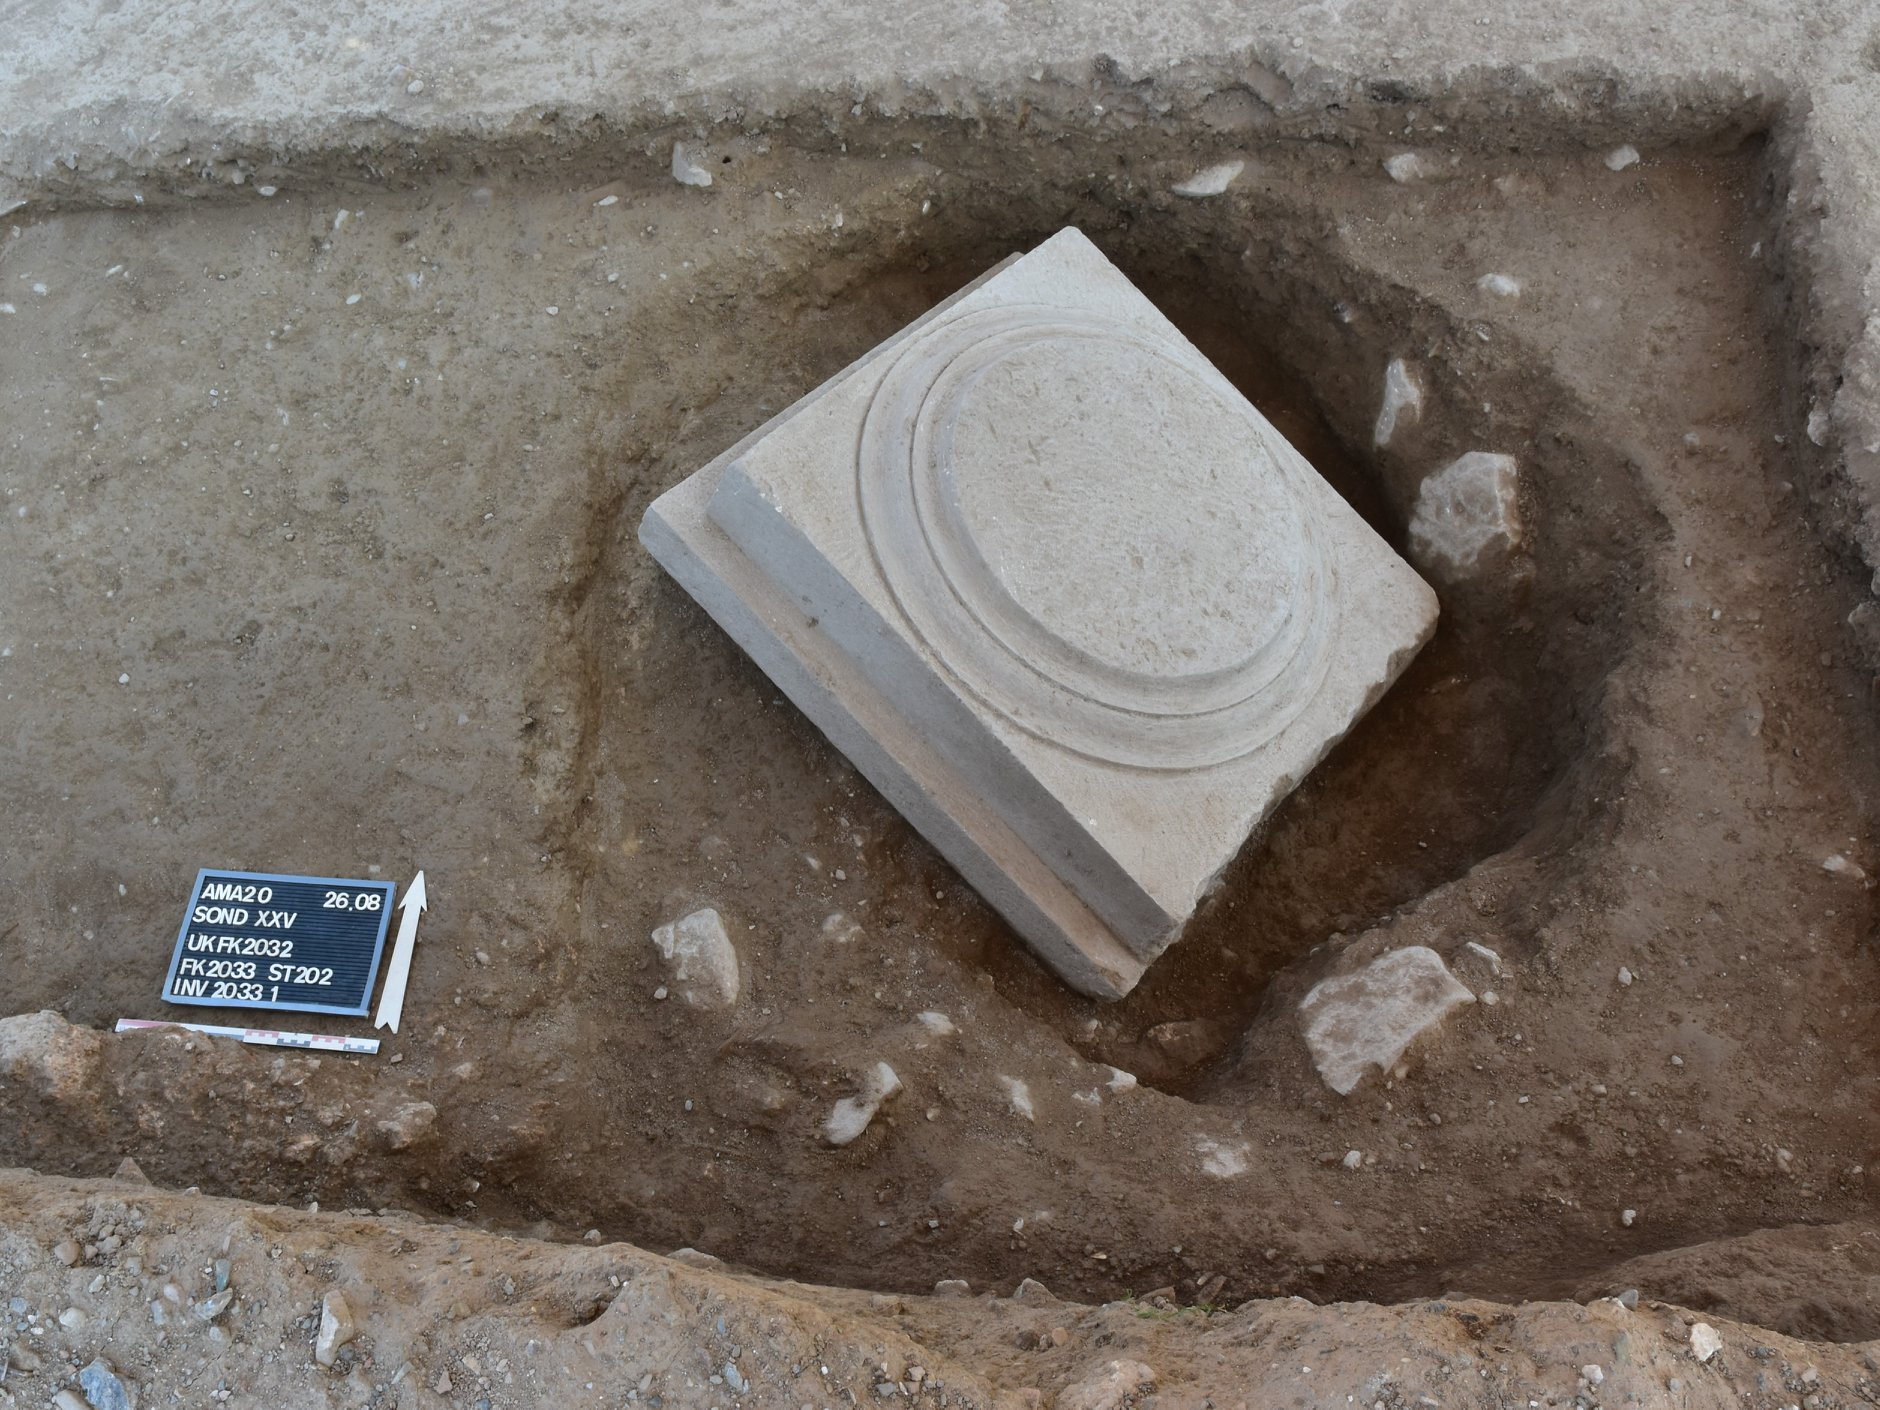 Υστεροαρχαϊκός ναός εντοπίστηκε σε κεντρικό σημείο του ιερού της Αμαρυσίας Αρτέμιδος, Ελληνο-Ελβετικές ανασκαφές στο ιερό της Αμαρυσίας Αρτέμιδος στην Αμάρυνθο, Eviathema.gr | ΕΥΒΟΙΑ ΝΕΑ - Νέα και ειδήσεις από όλη την Εύβοια